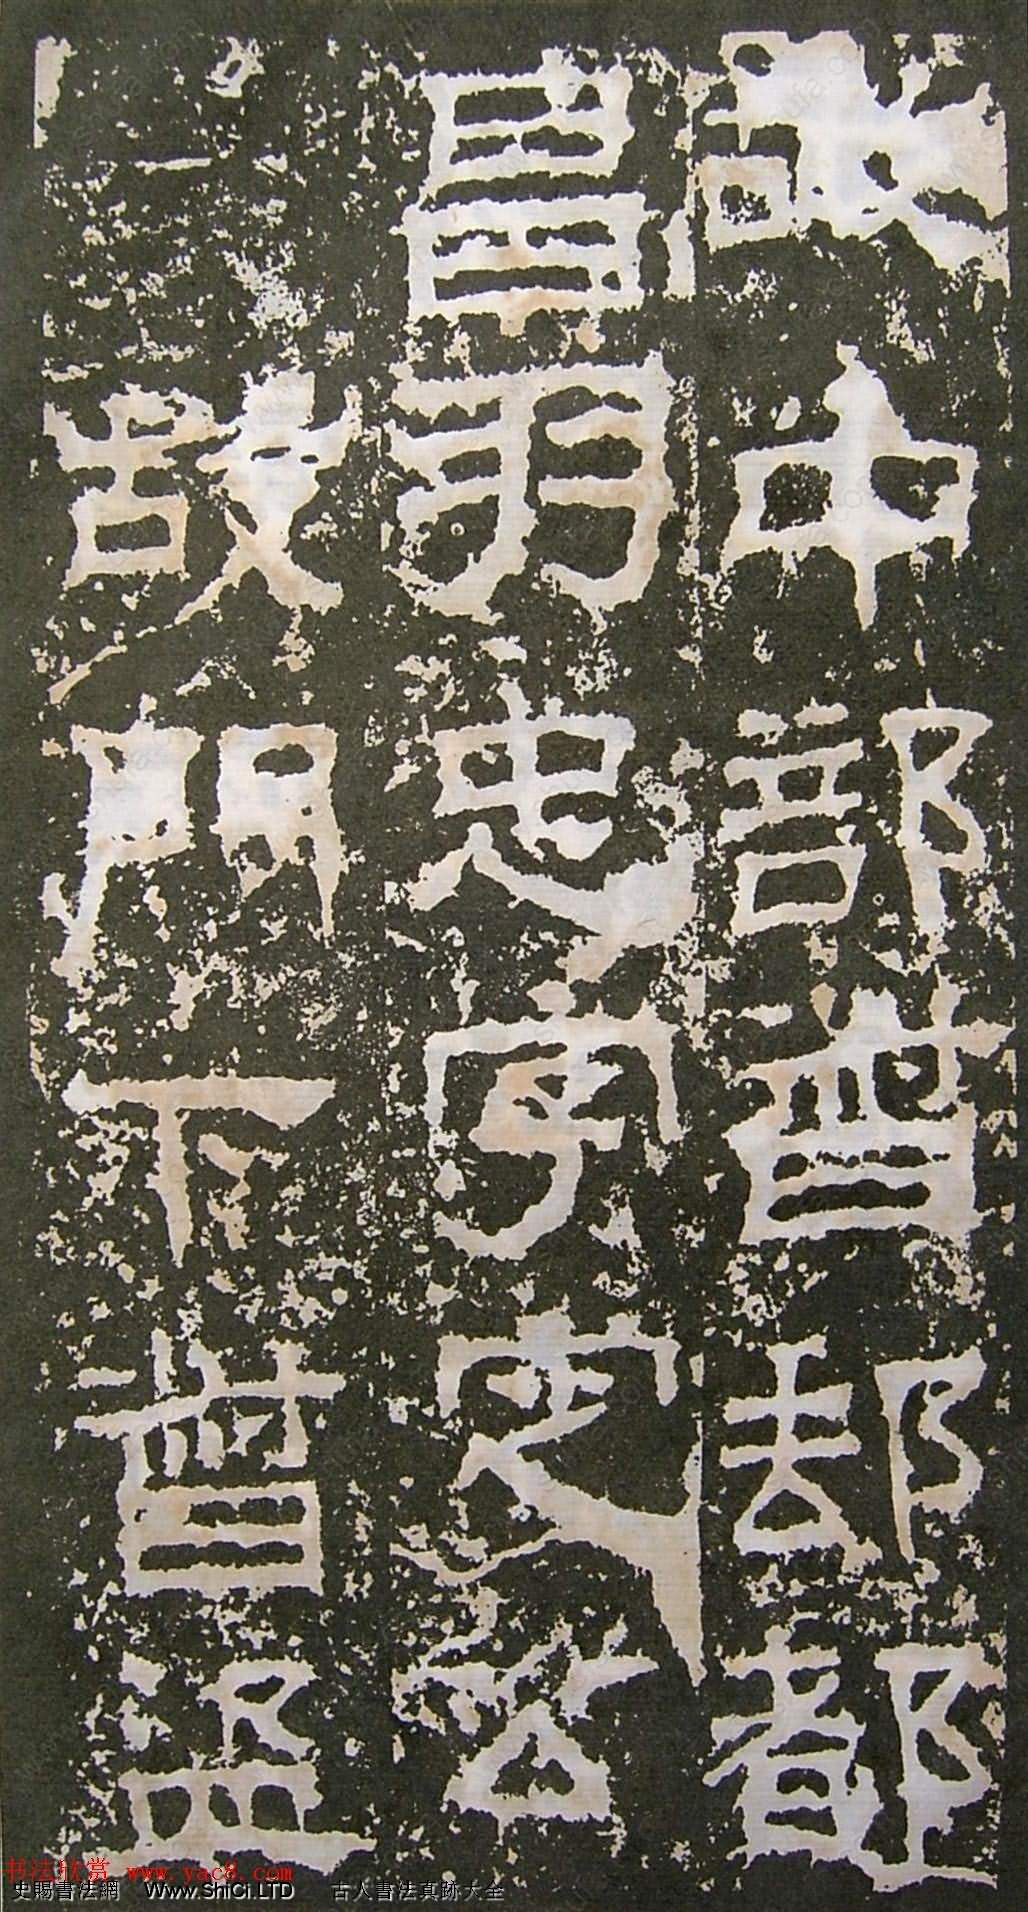 東漢隸書碑刻《景君銘碑陰》